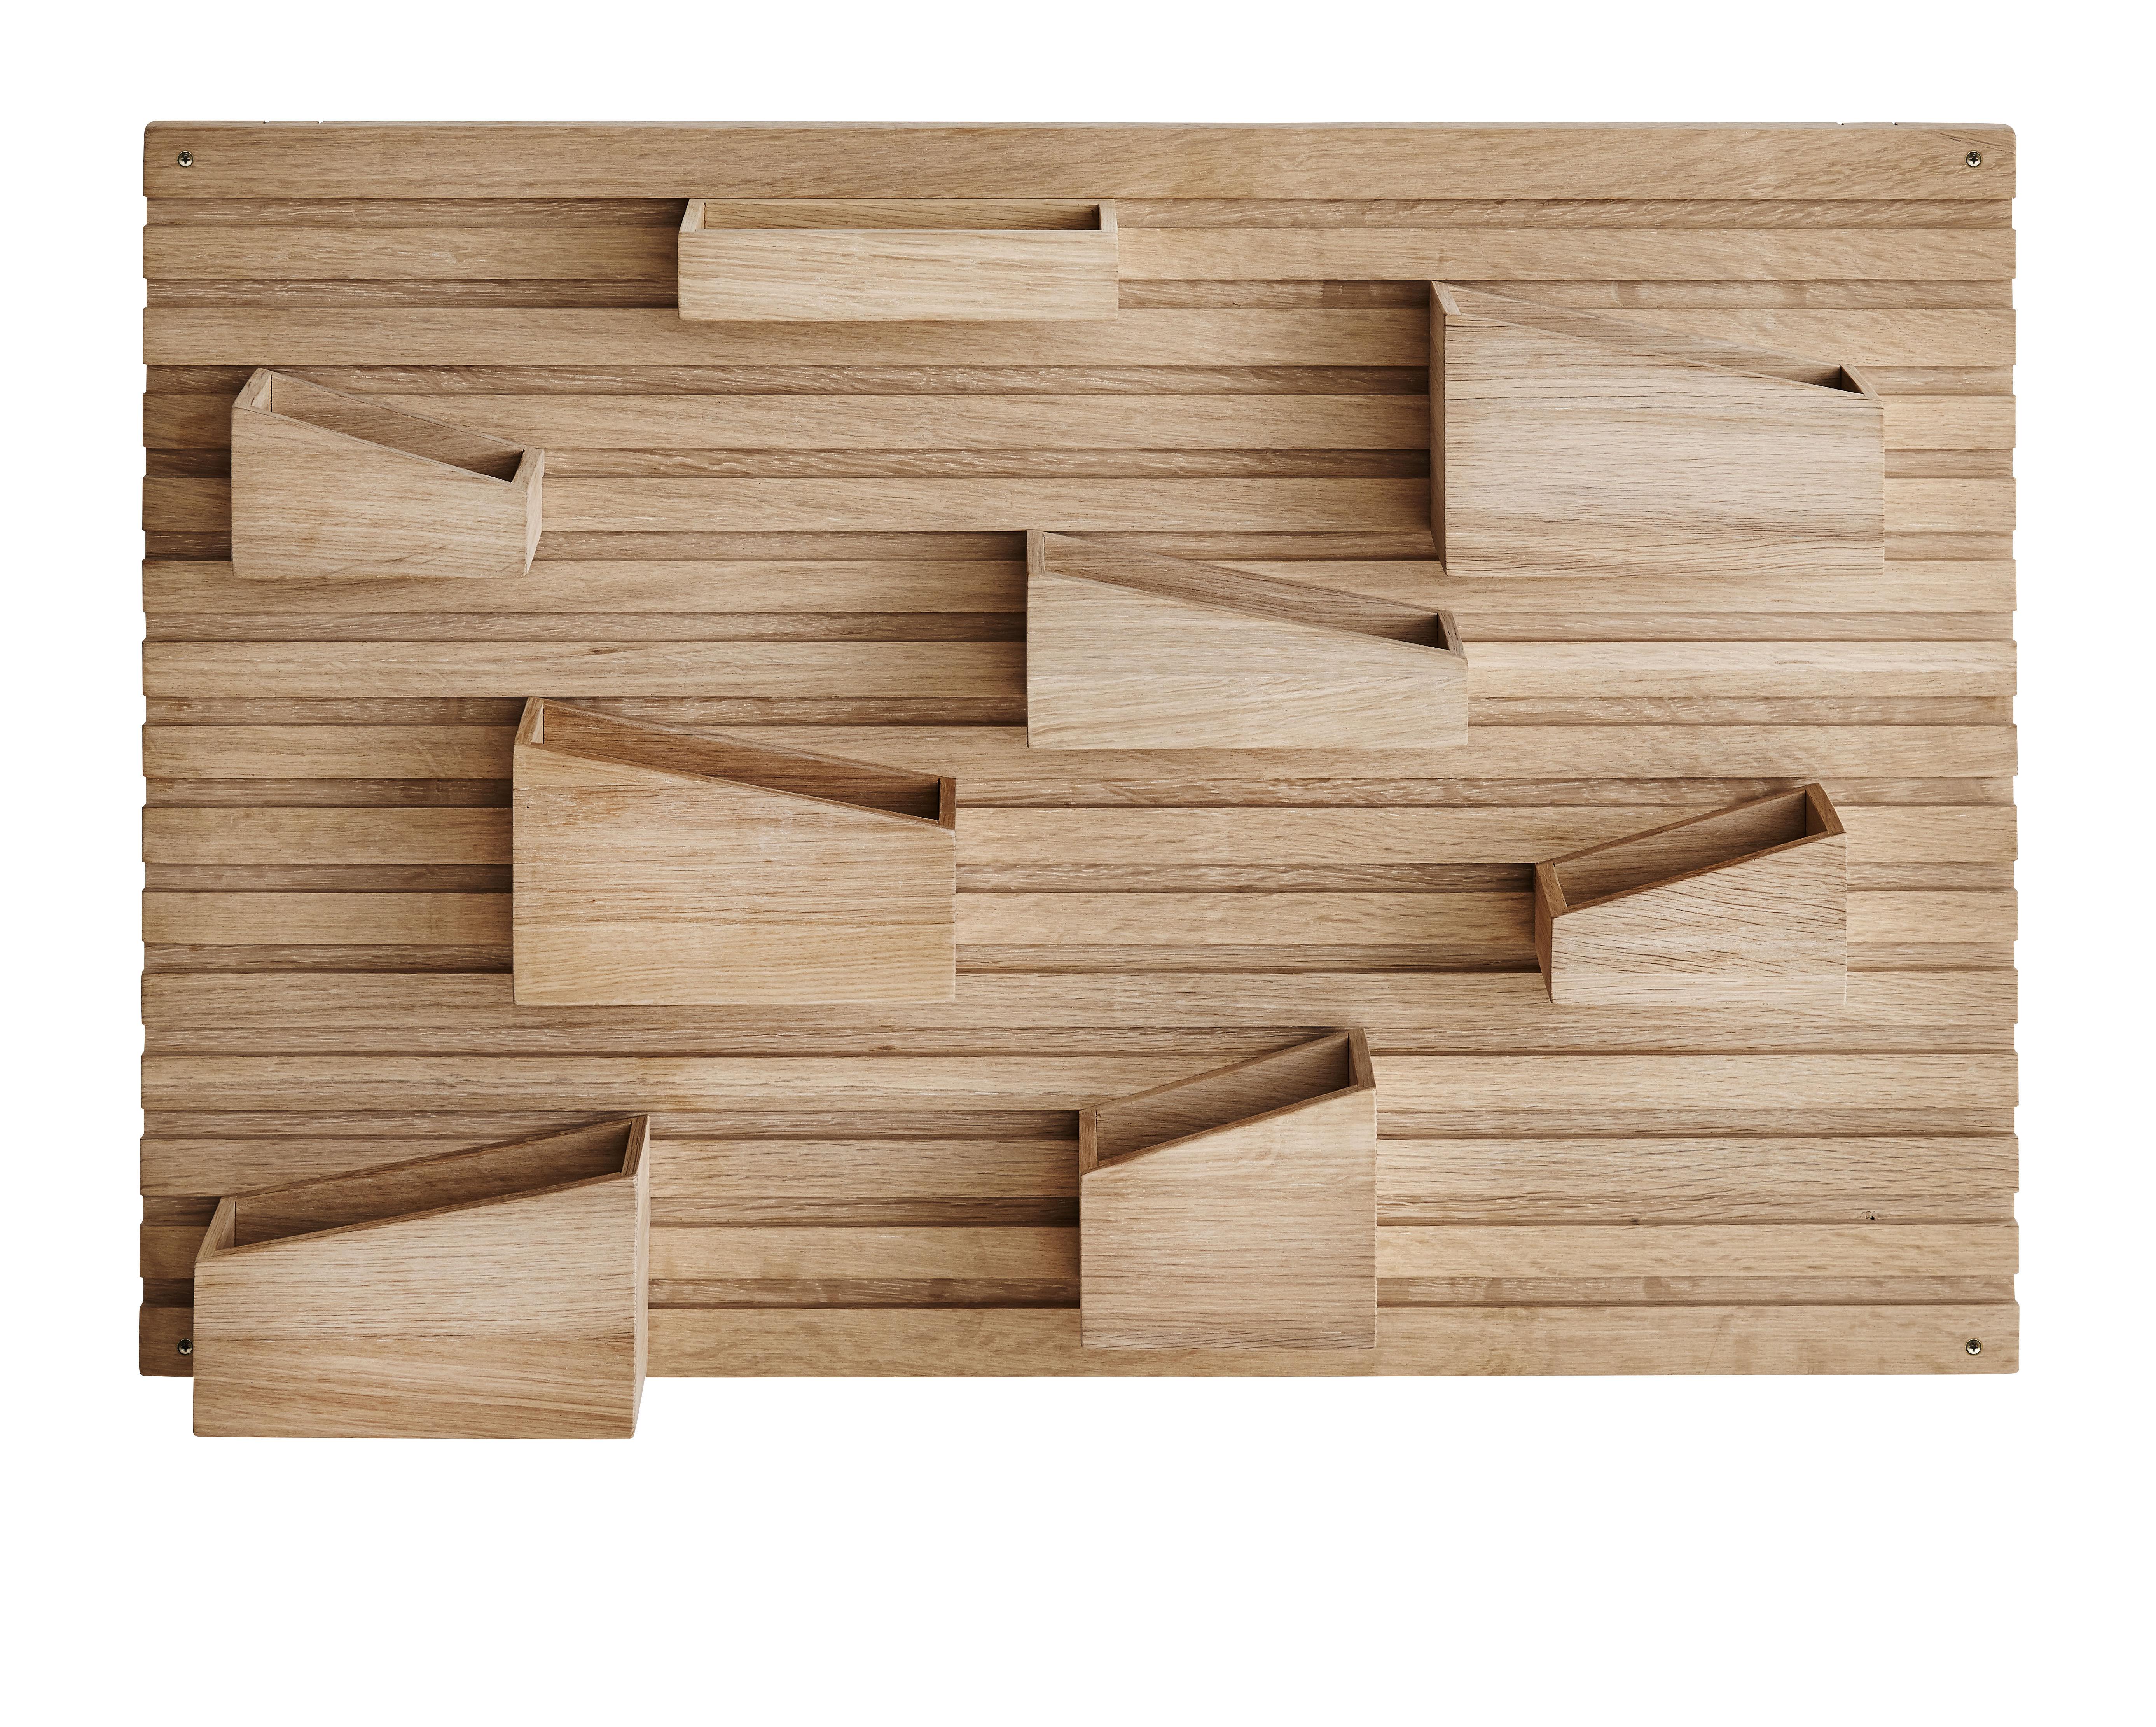 Möbel - Aufbewahrungsmöbel - Input Wandablage / 66 x 44 cm - Eiche - Woud - Eiche natur - Massiveiche, unbehandelt